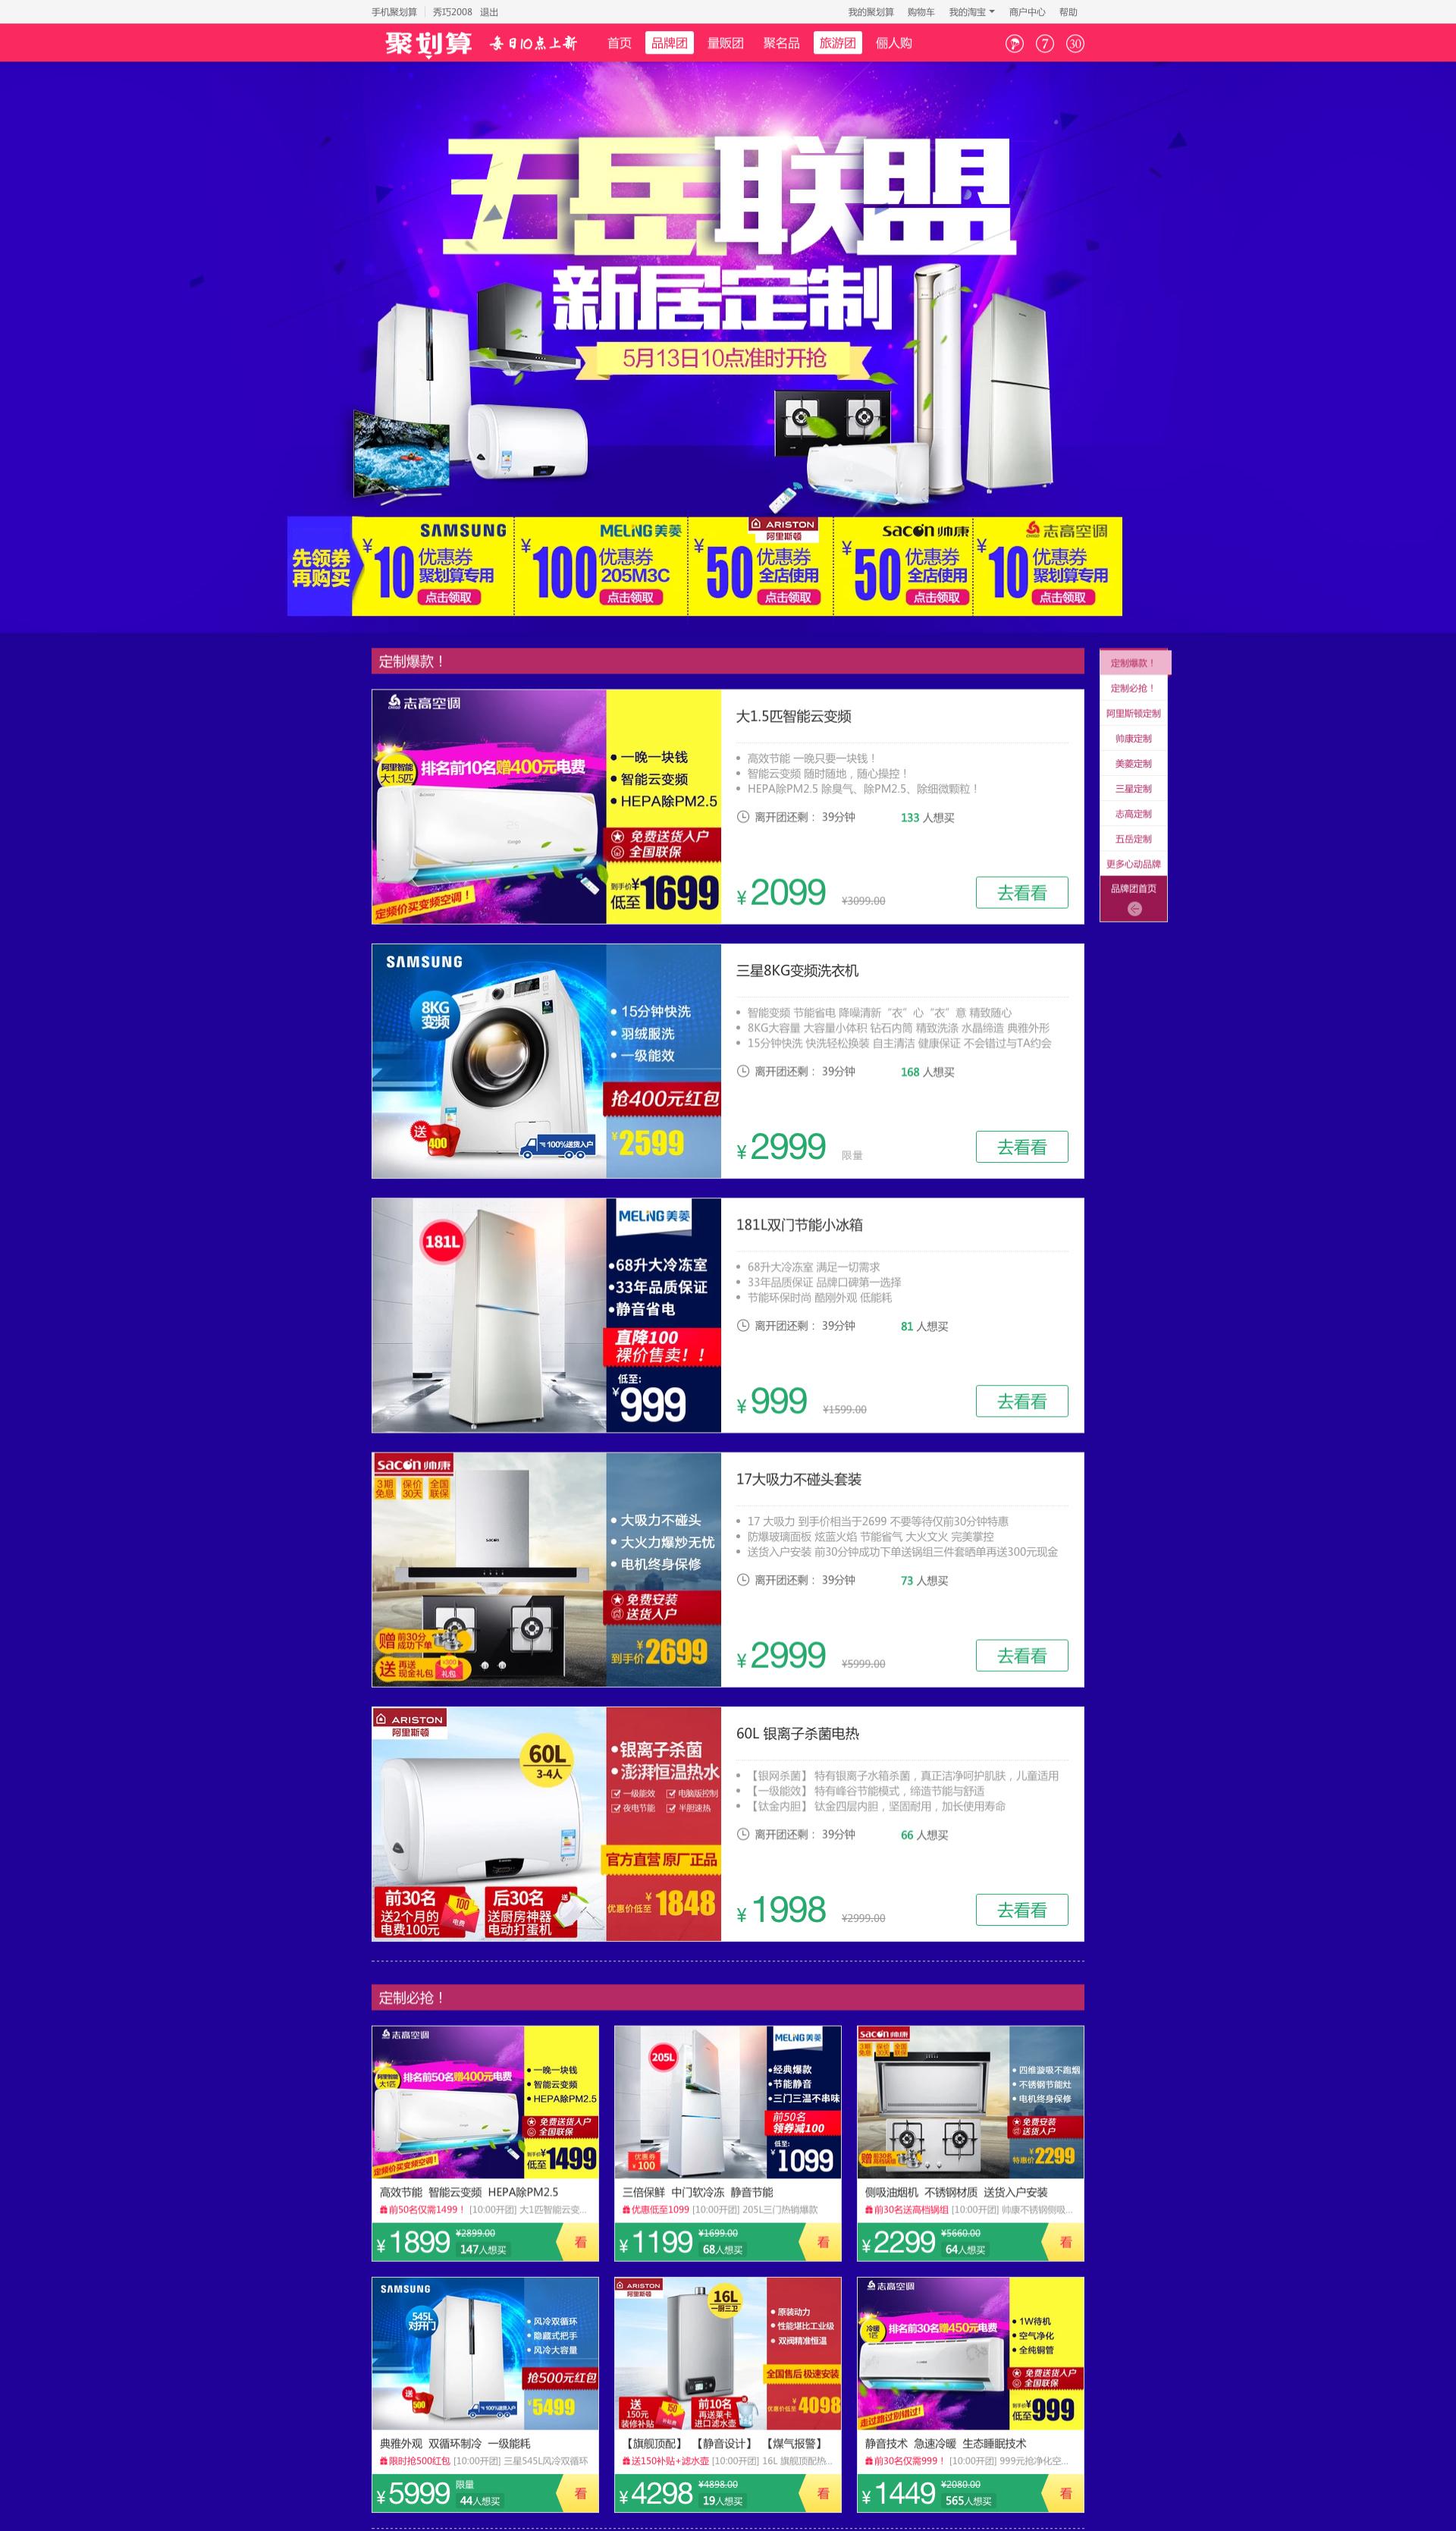 志高空调聚划算品牌团页面图片